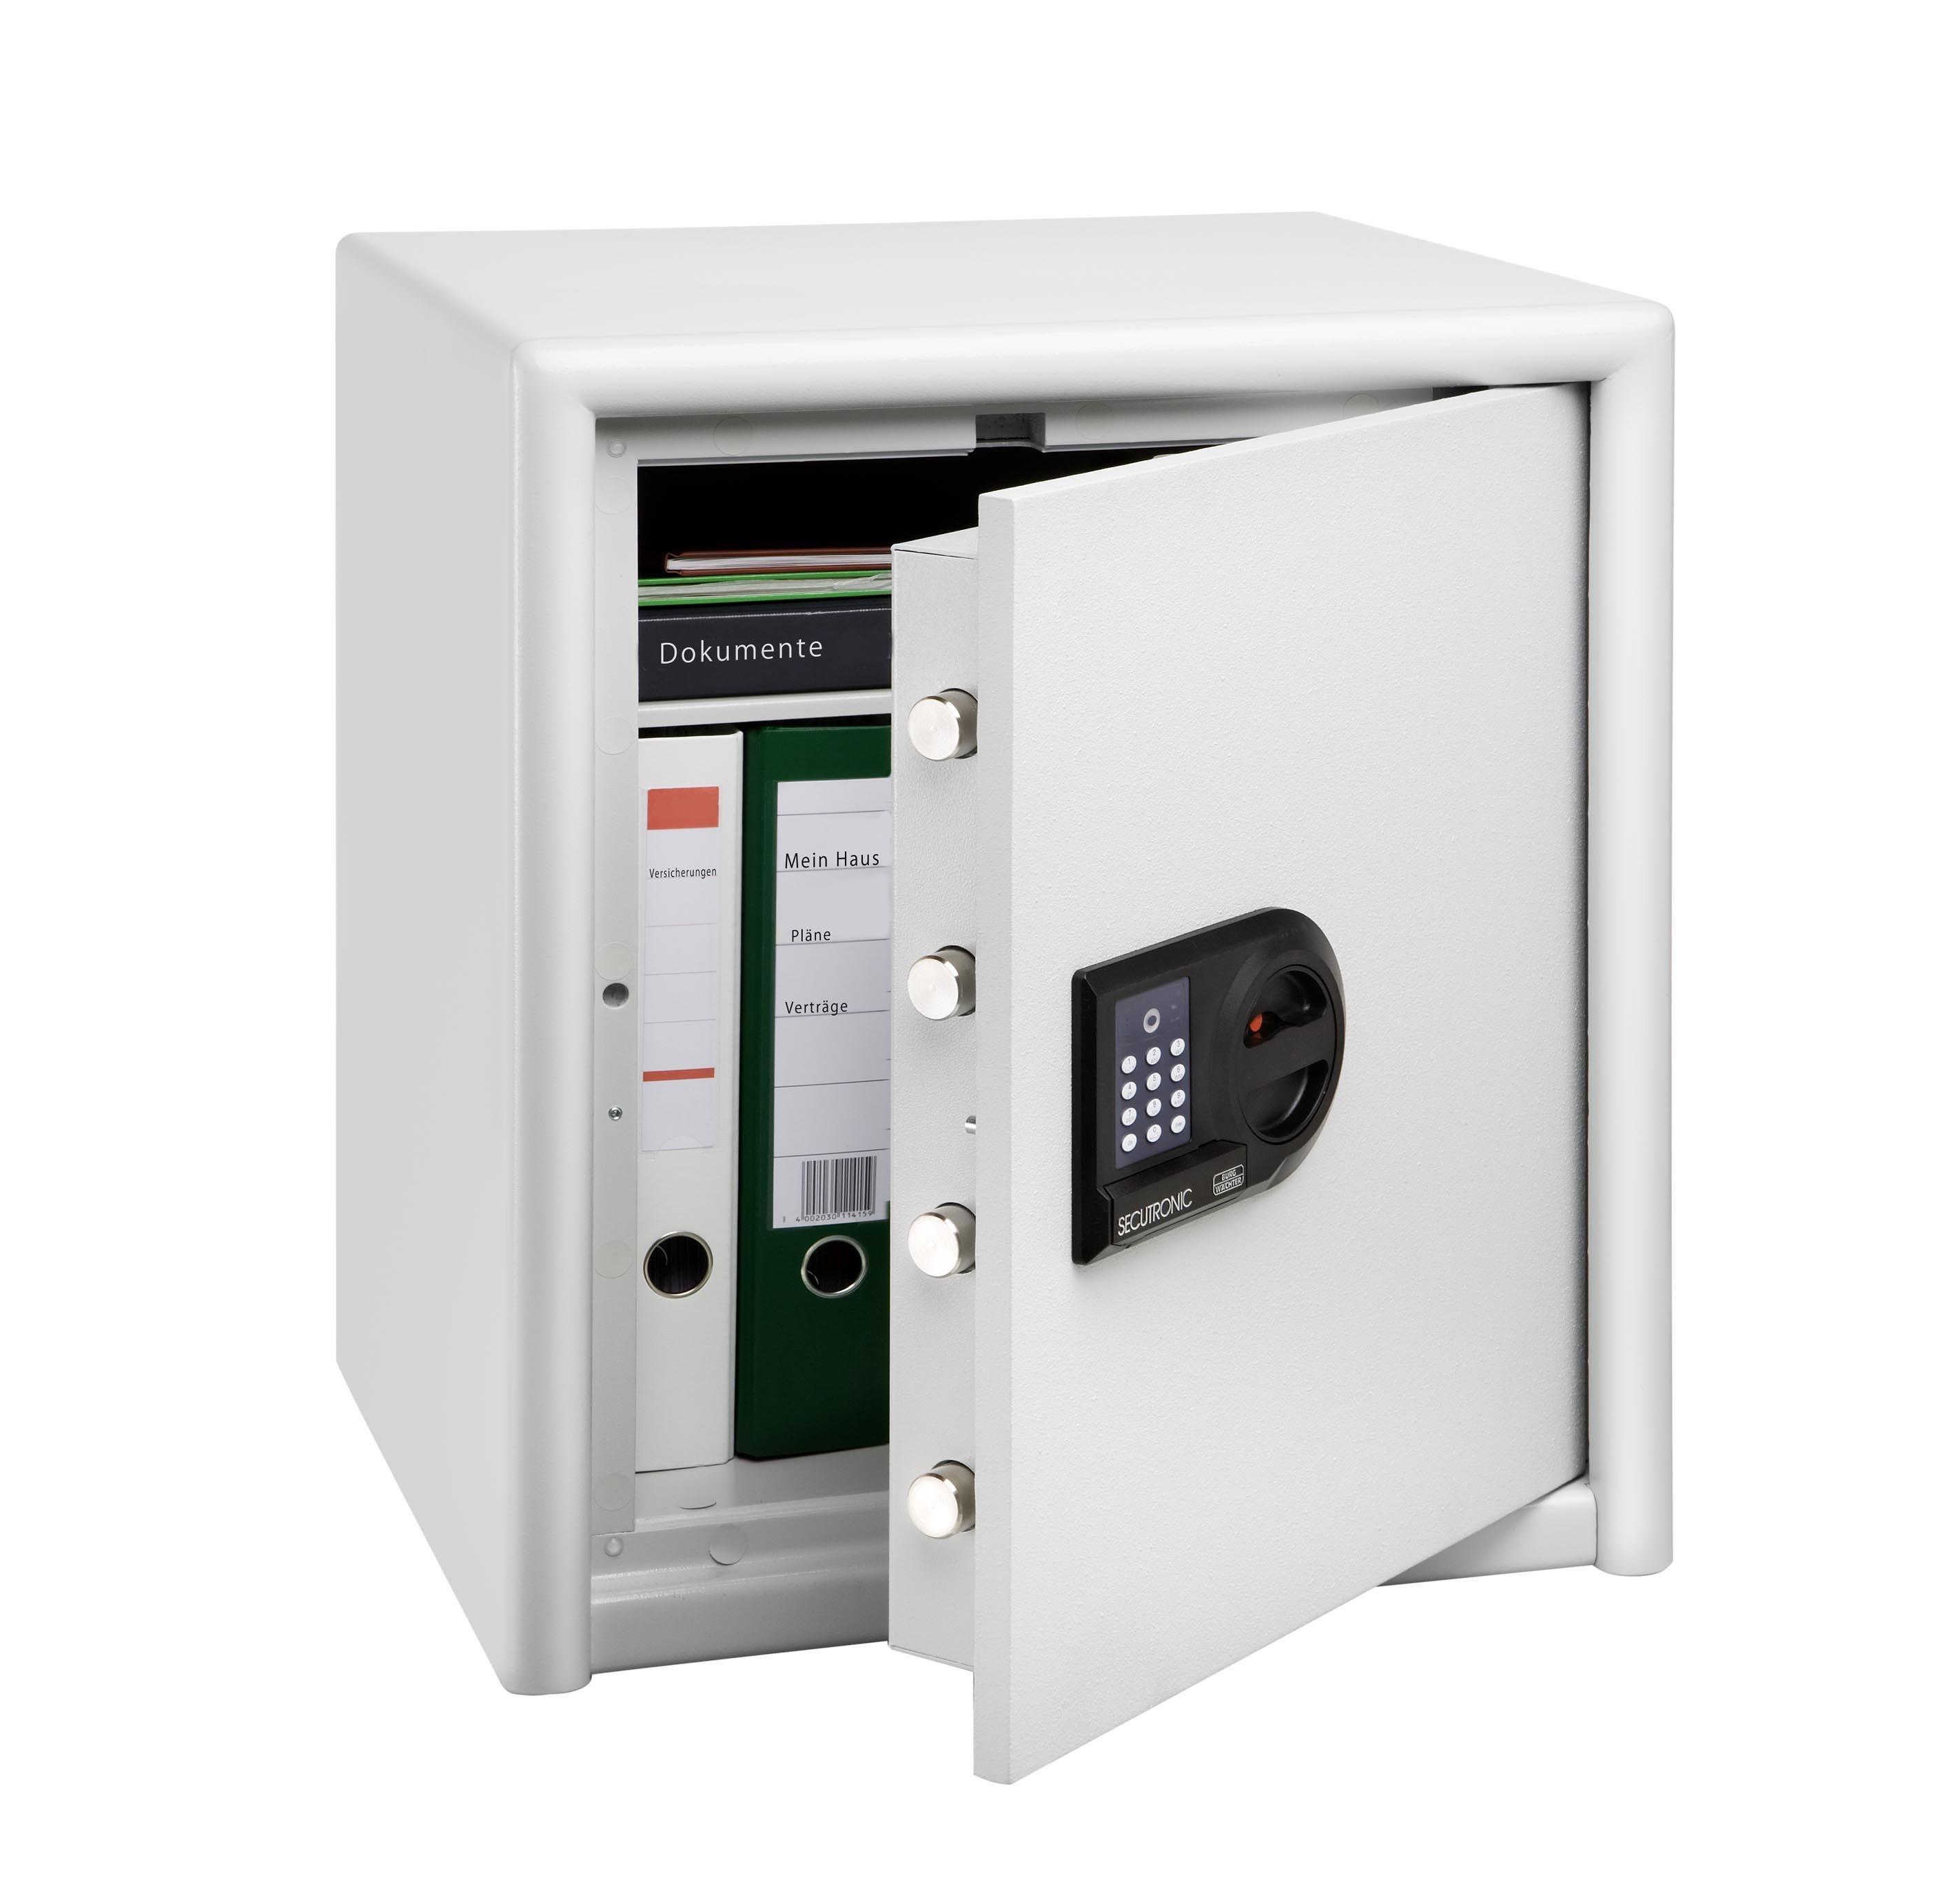 Coffre-fort électronique Combiline 40 E BURGWÄCHTER ignifugé à intégrer - 33450